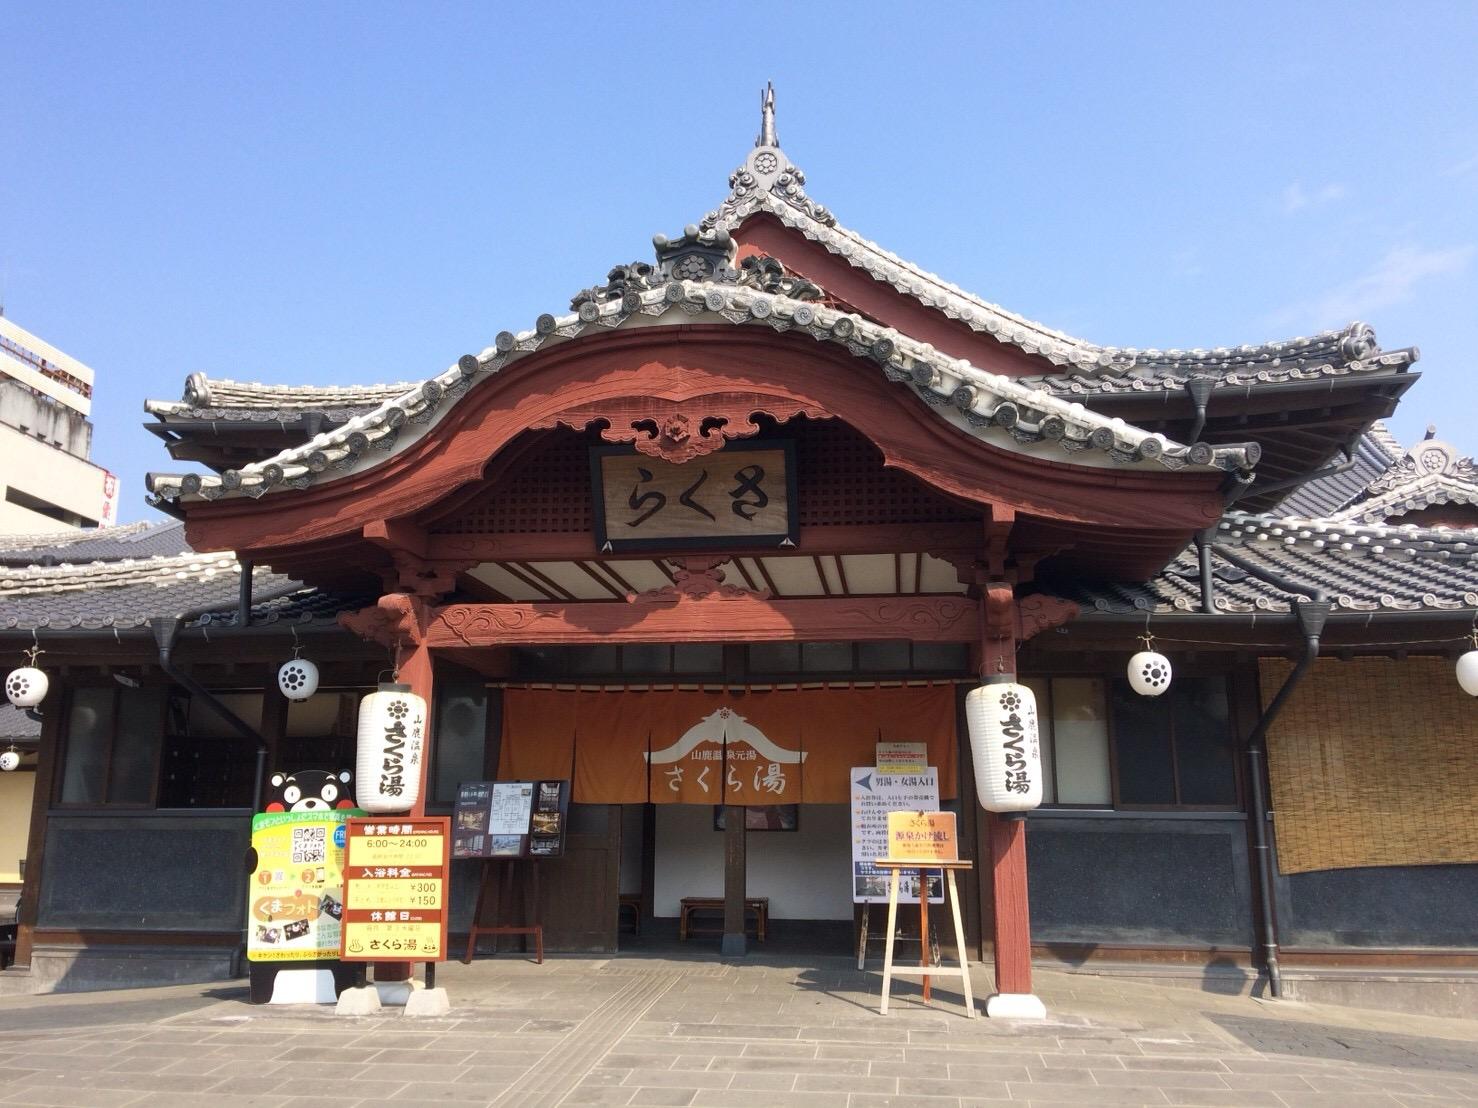 【さくら湯】370年の歴史ある江戸時代から続く日帰り温泉